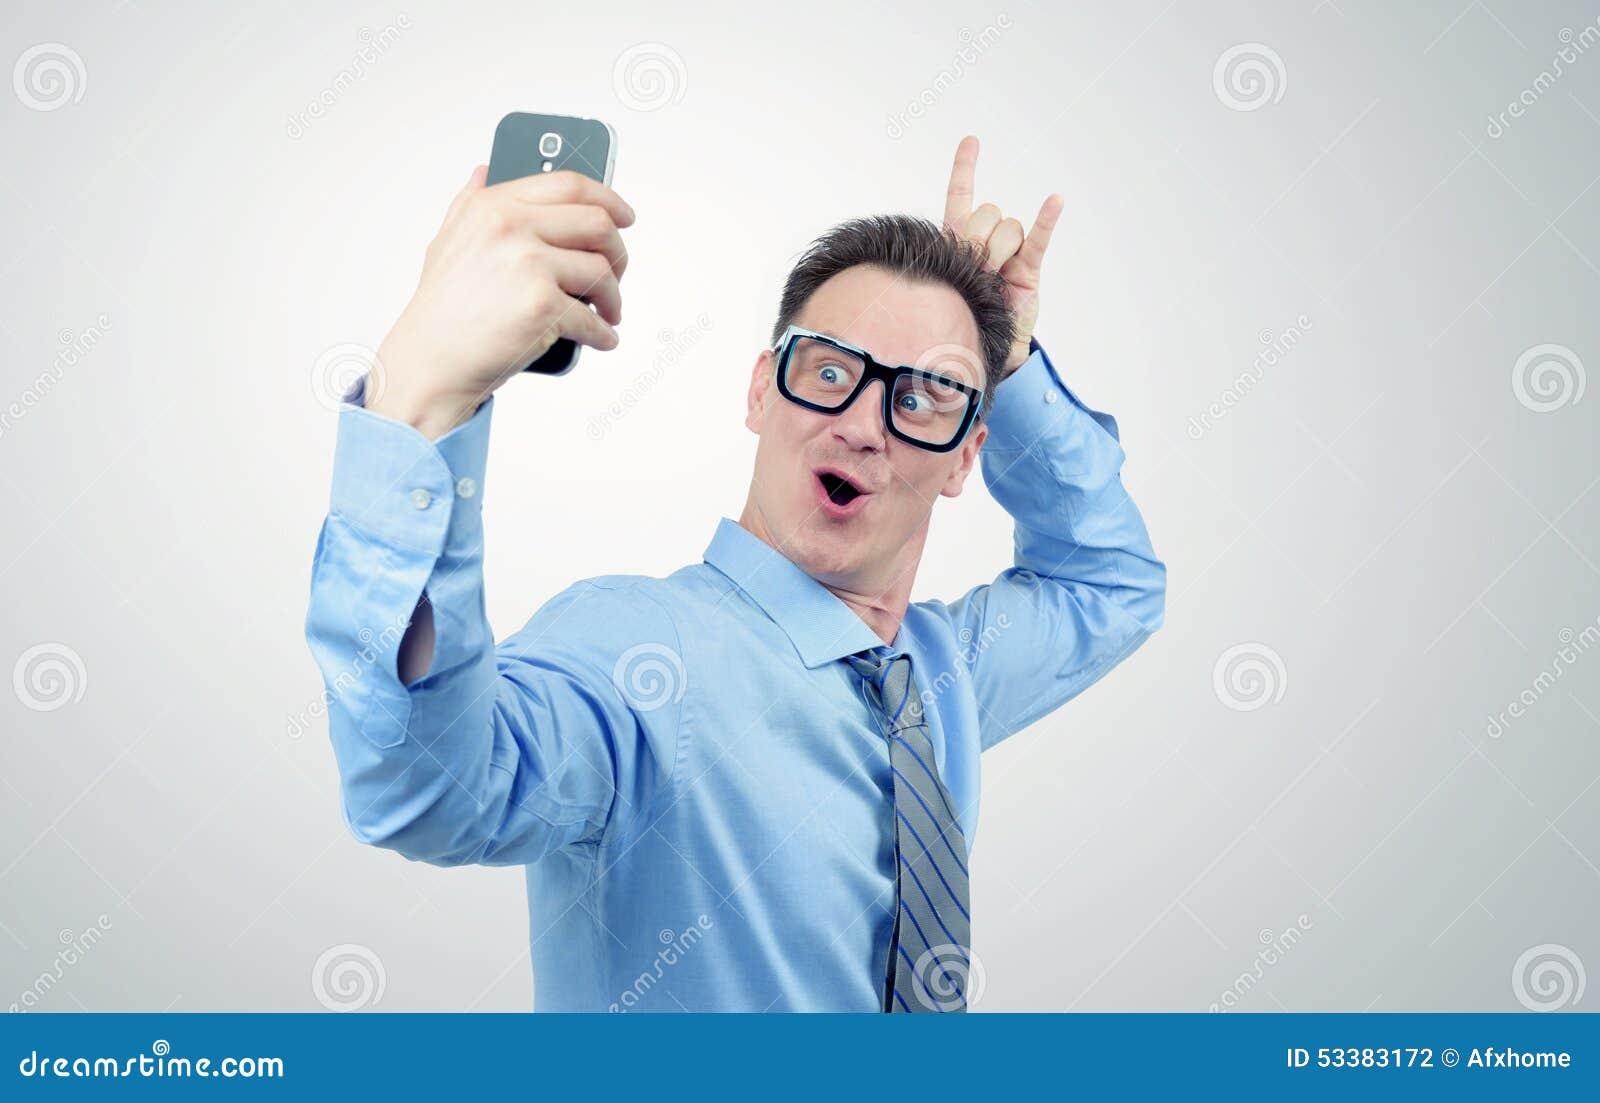 Hombre de negocios divertido que se fotografía en un smartphone